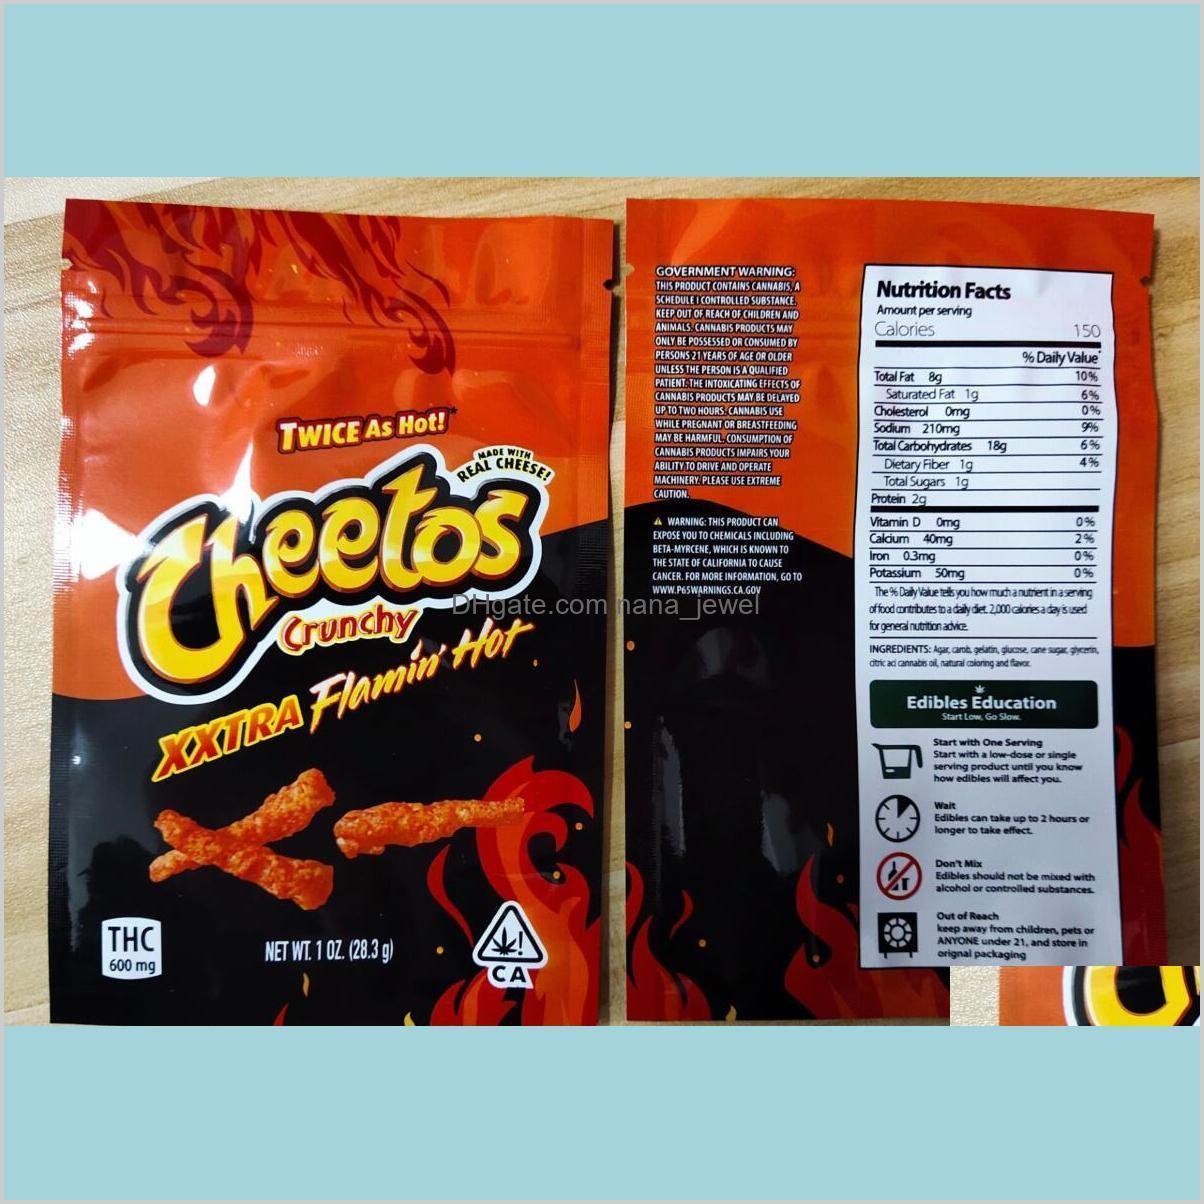 Embalagem Escola Escola Negócios Industrial Crunchy Me Mylar Embalagem 710 Edibles Pacote Gummy para Fritos Dorrit Queijo Sabor Chem